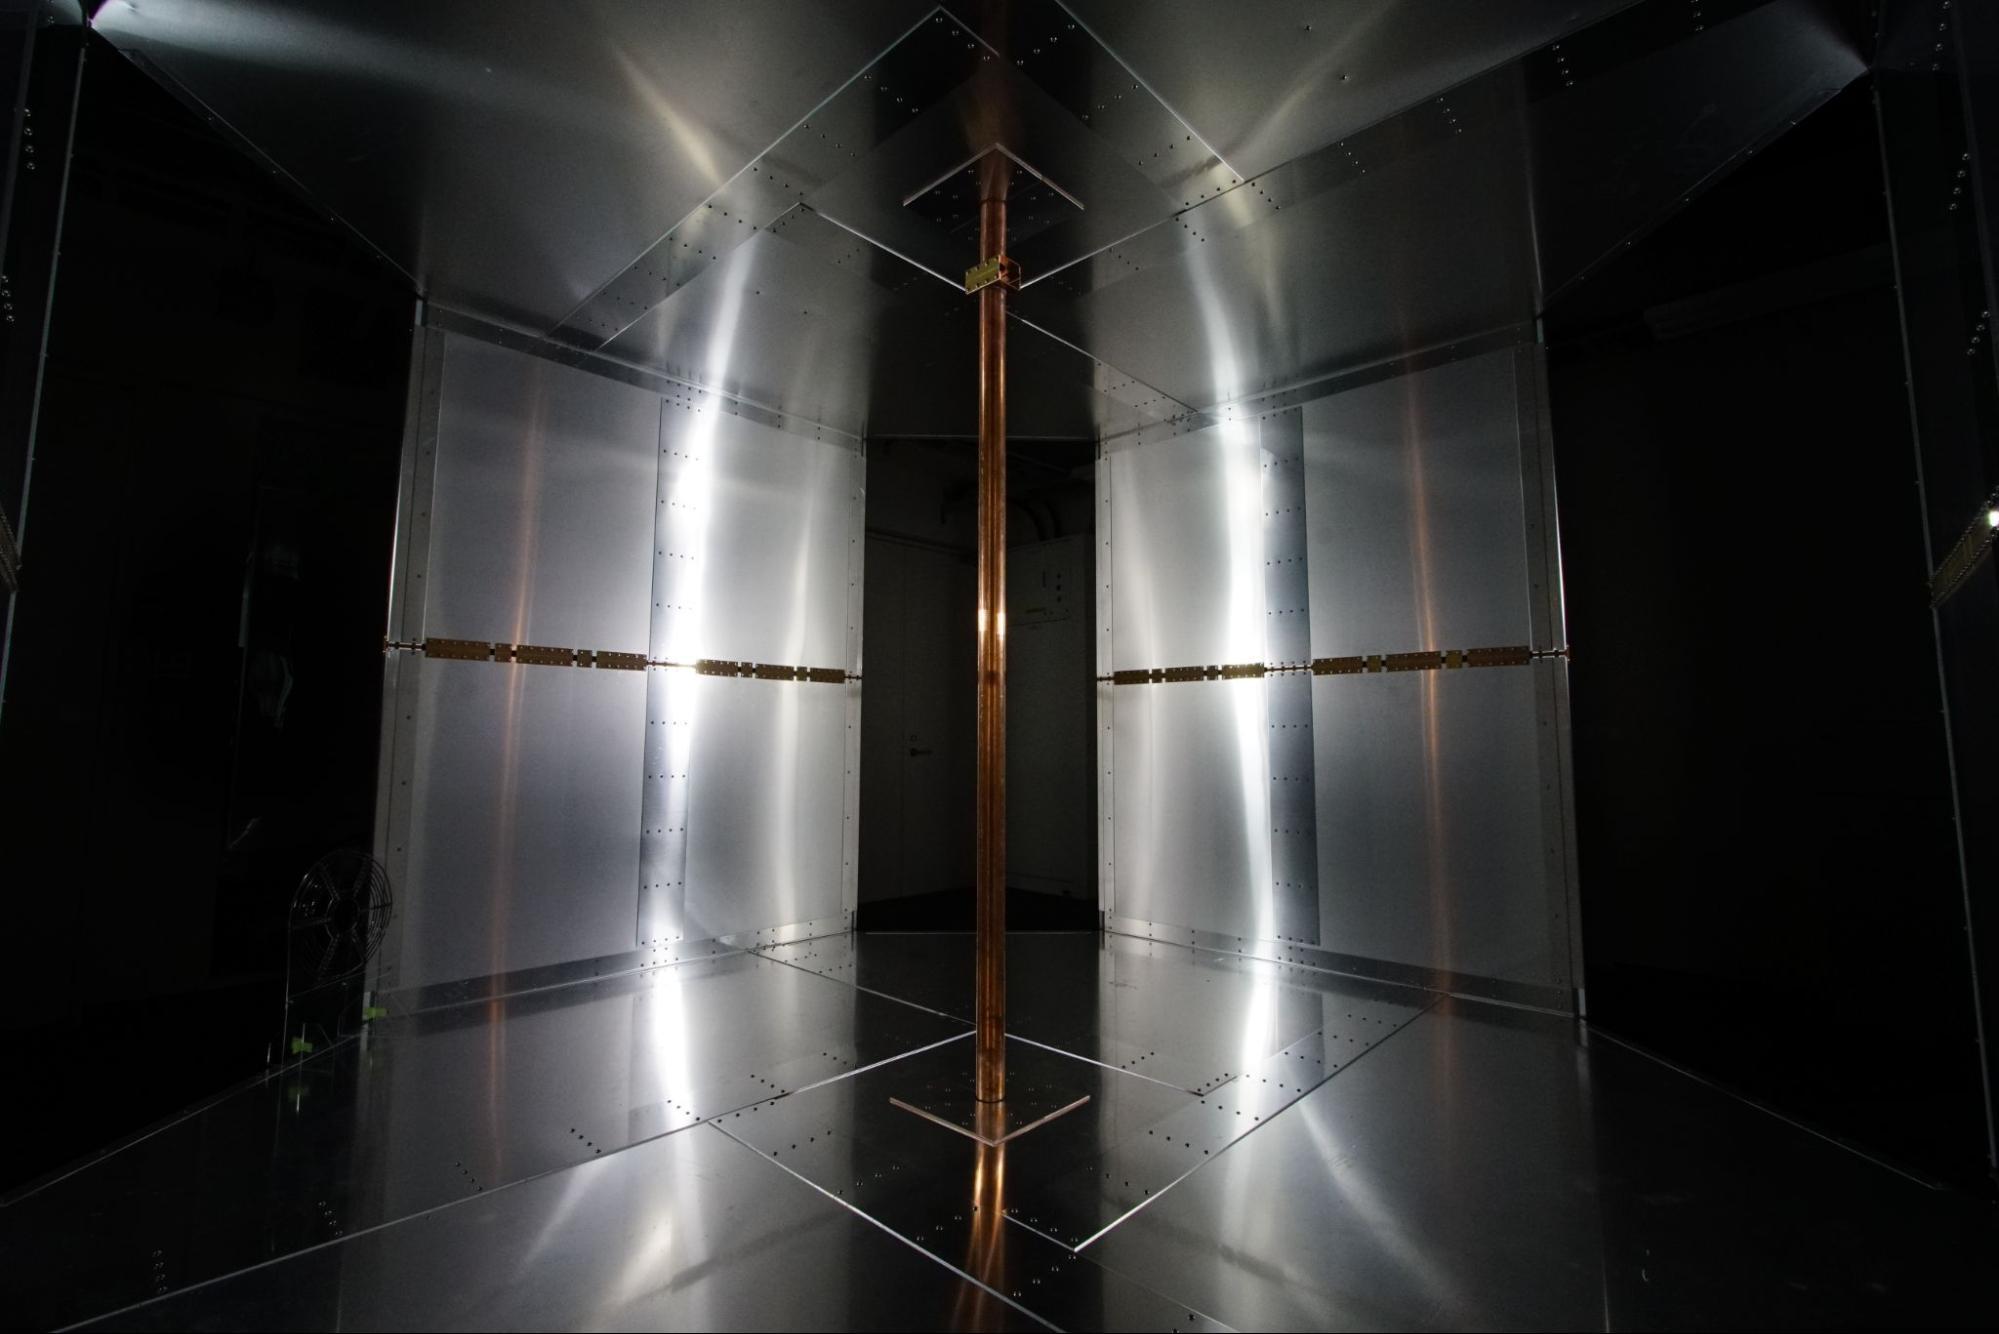 Помещение для беспроводной передачи энергии ввиде объёмного резонатора. <i>Univ. of Tokyo</i>.